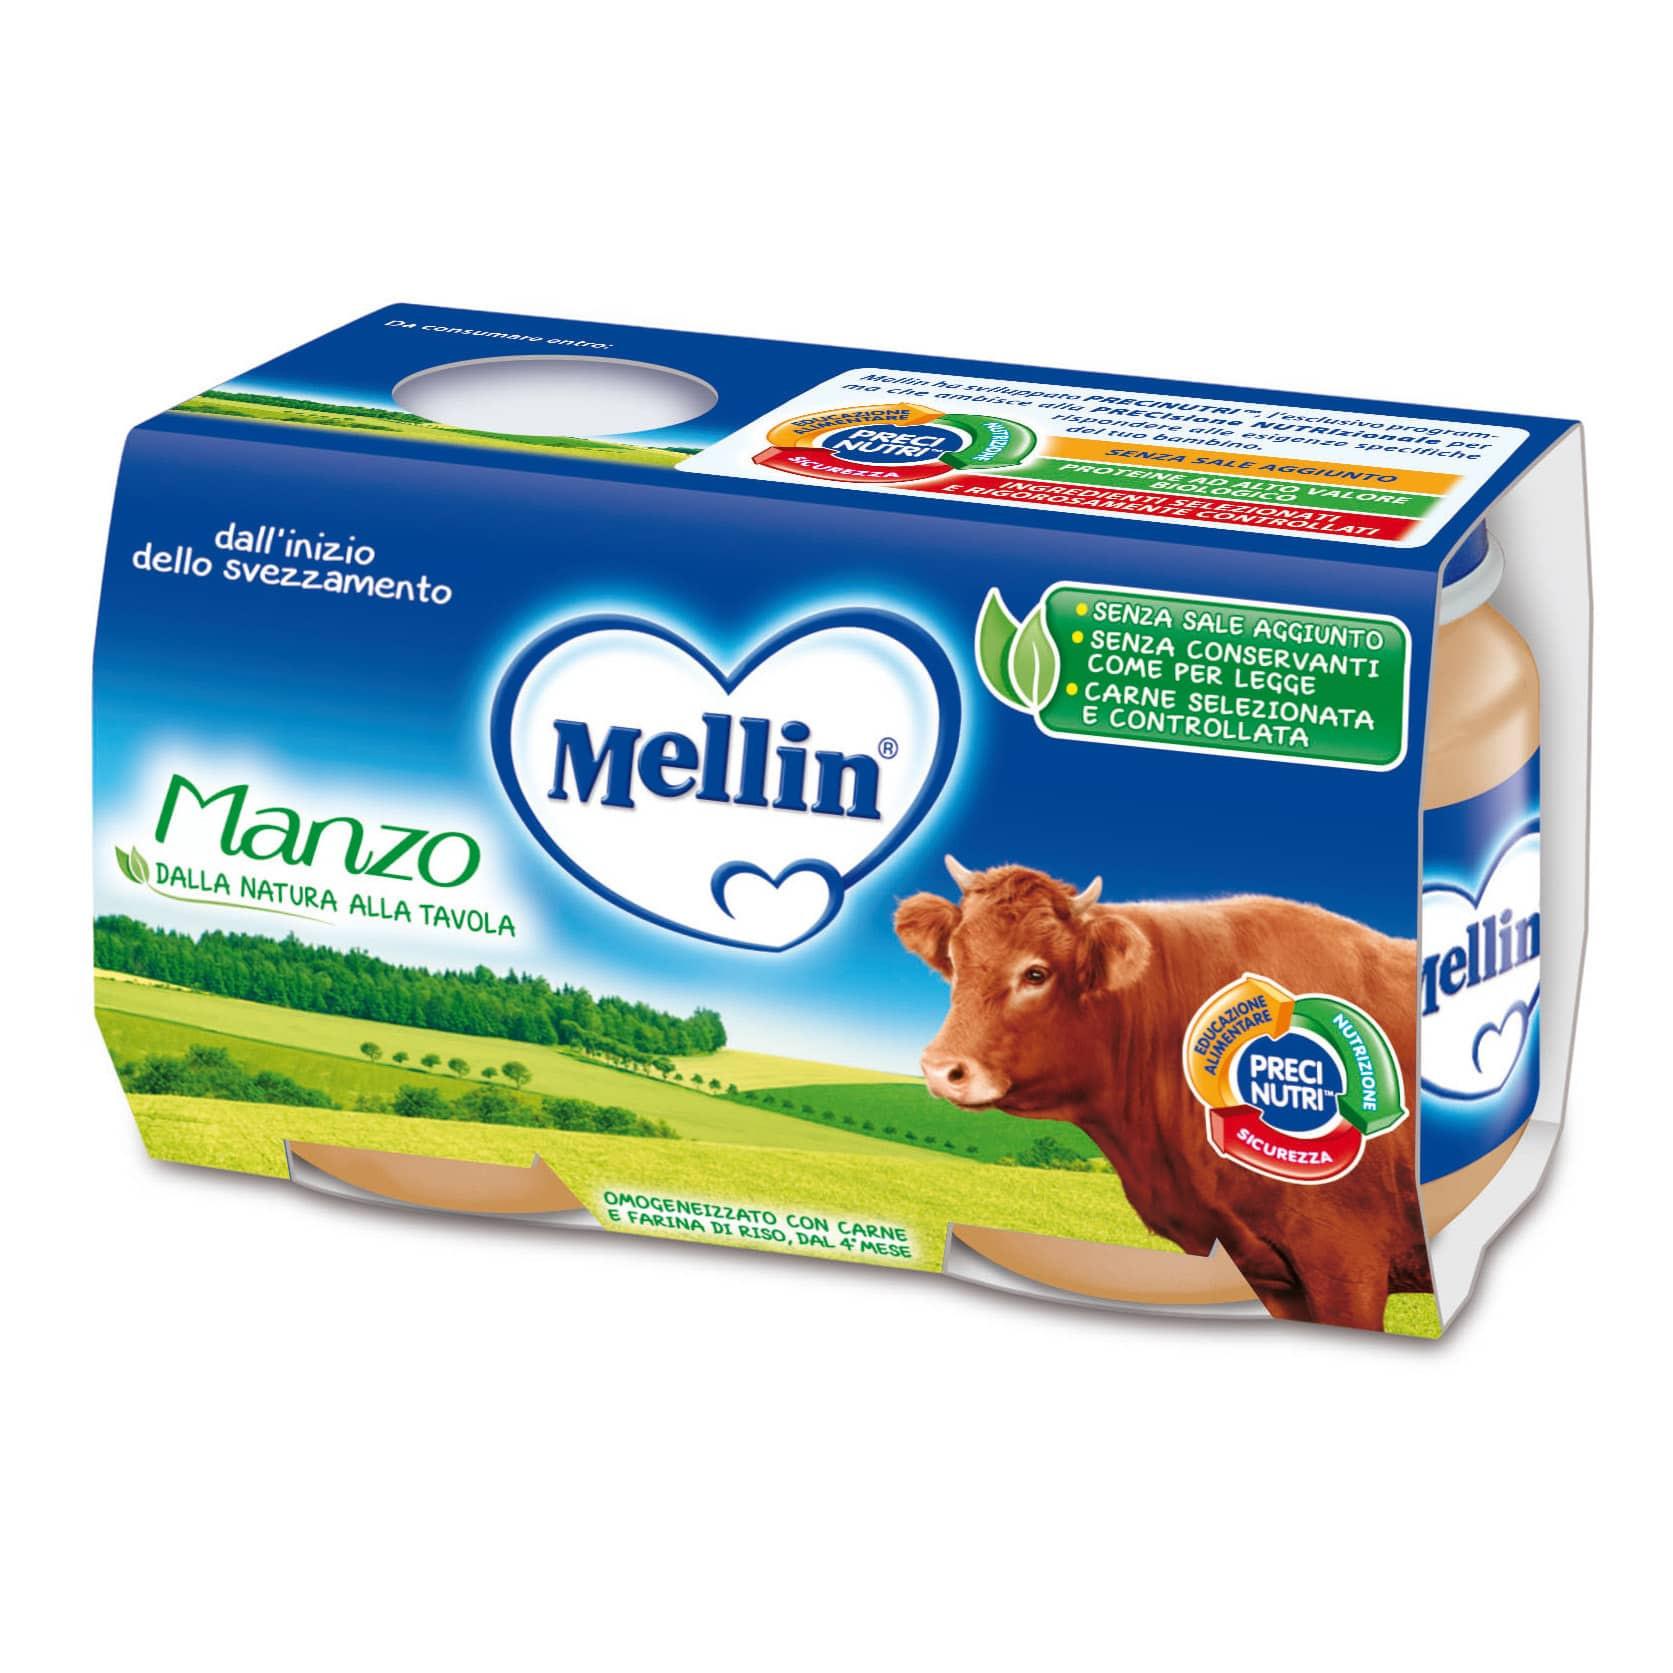 Omogeneizzato Manzo Mellin - 2 x 120 g